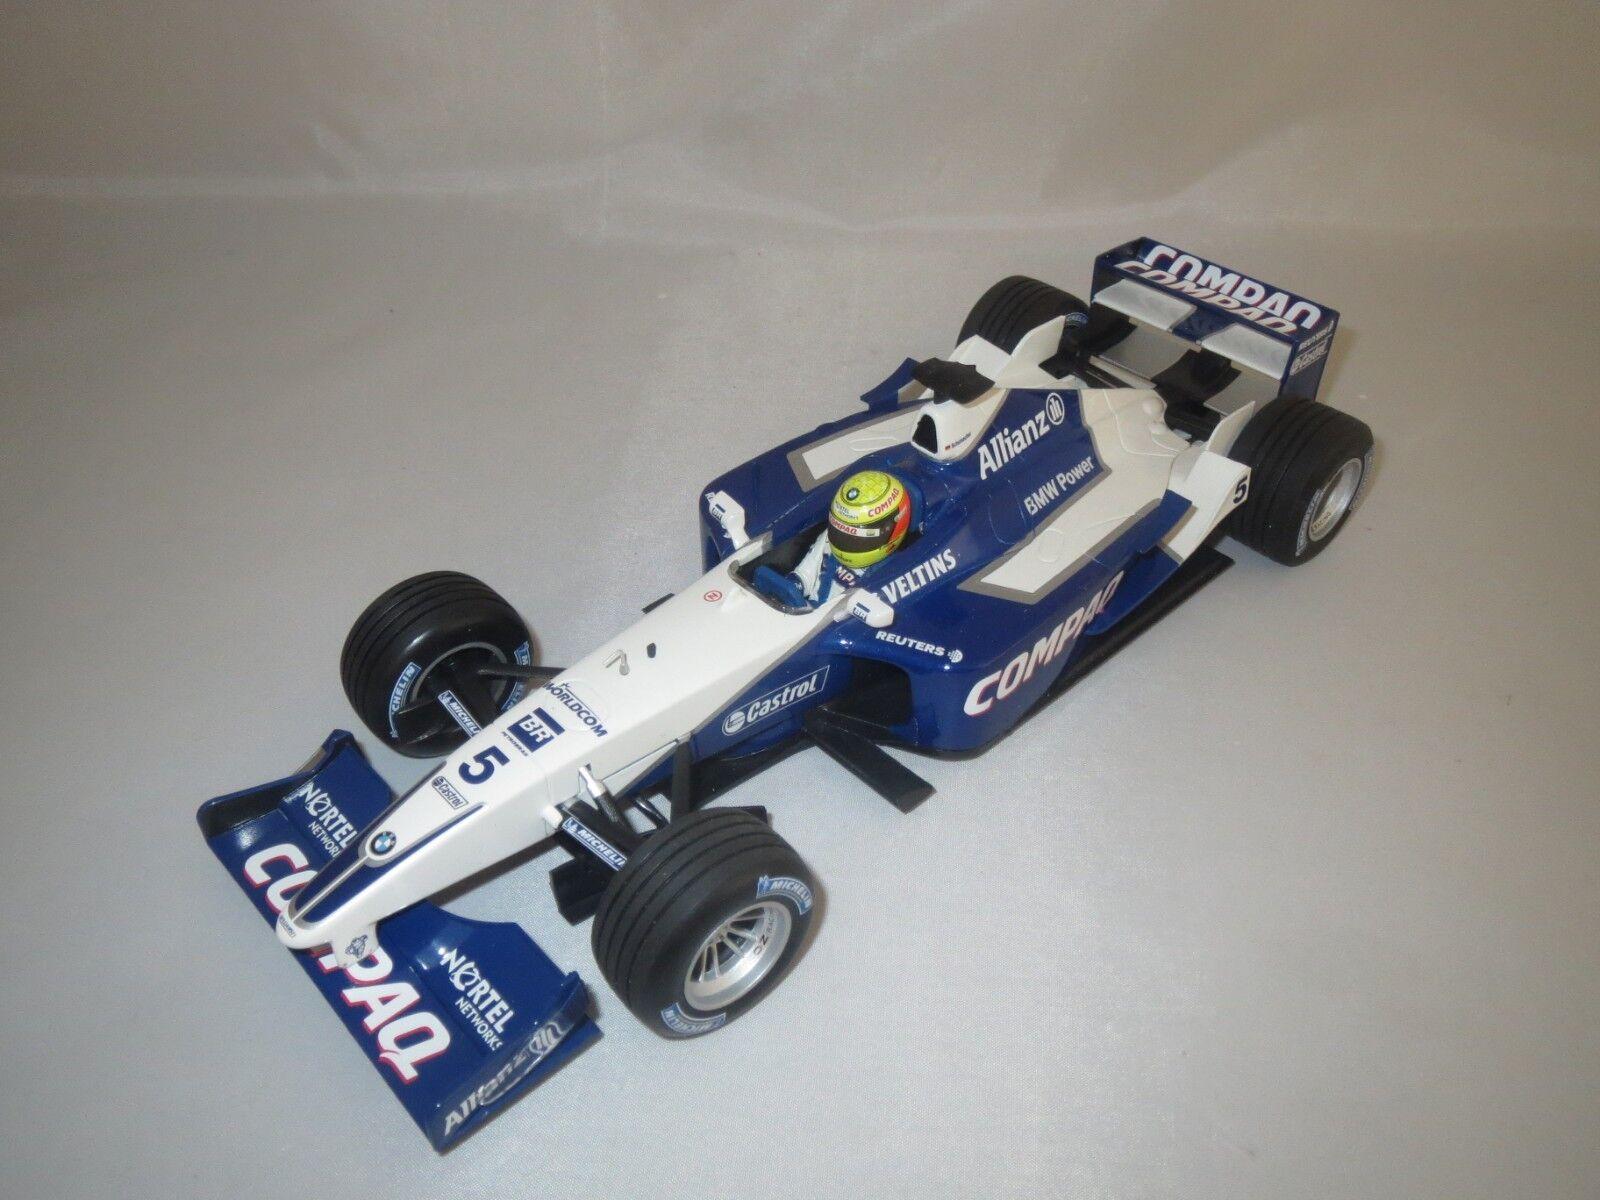 Minichamps Williams fw23 BMW (R. Schumacher) #5 (2001) 1:18 neuf dans sa boîte!!! (f42) | à Bas Prix  | La Mode De